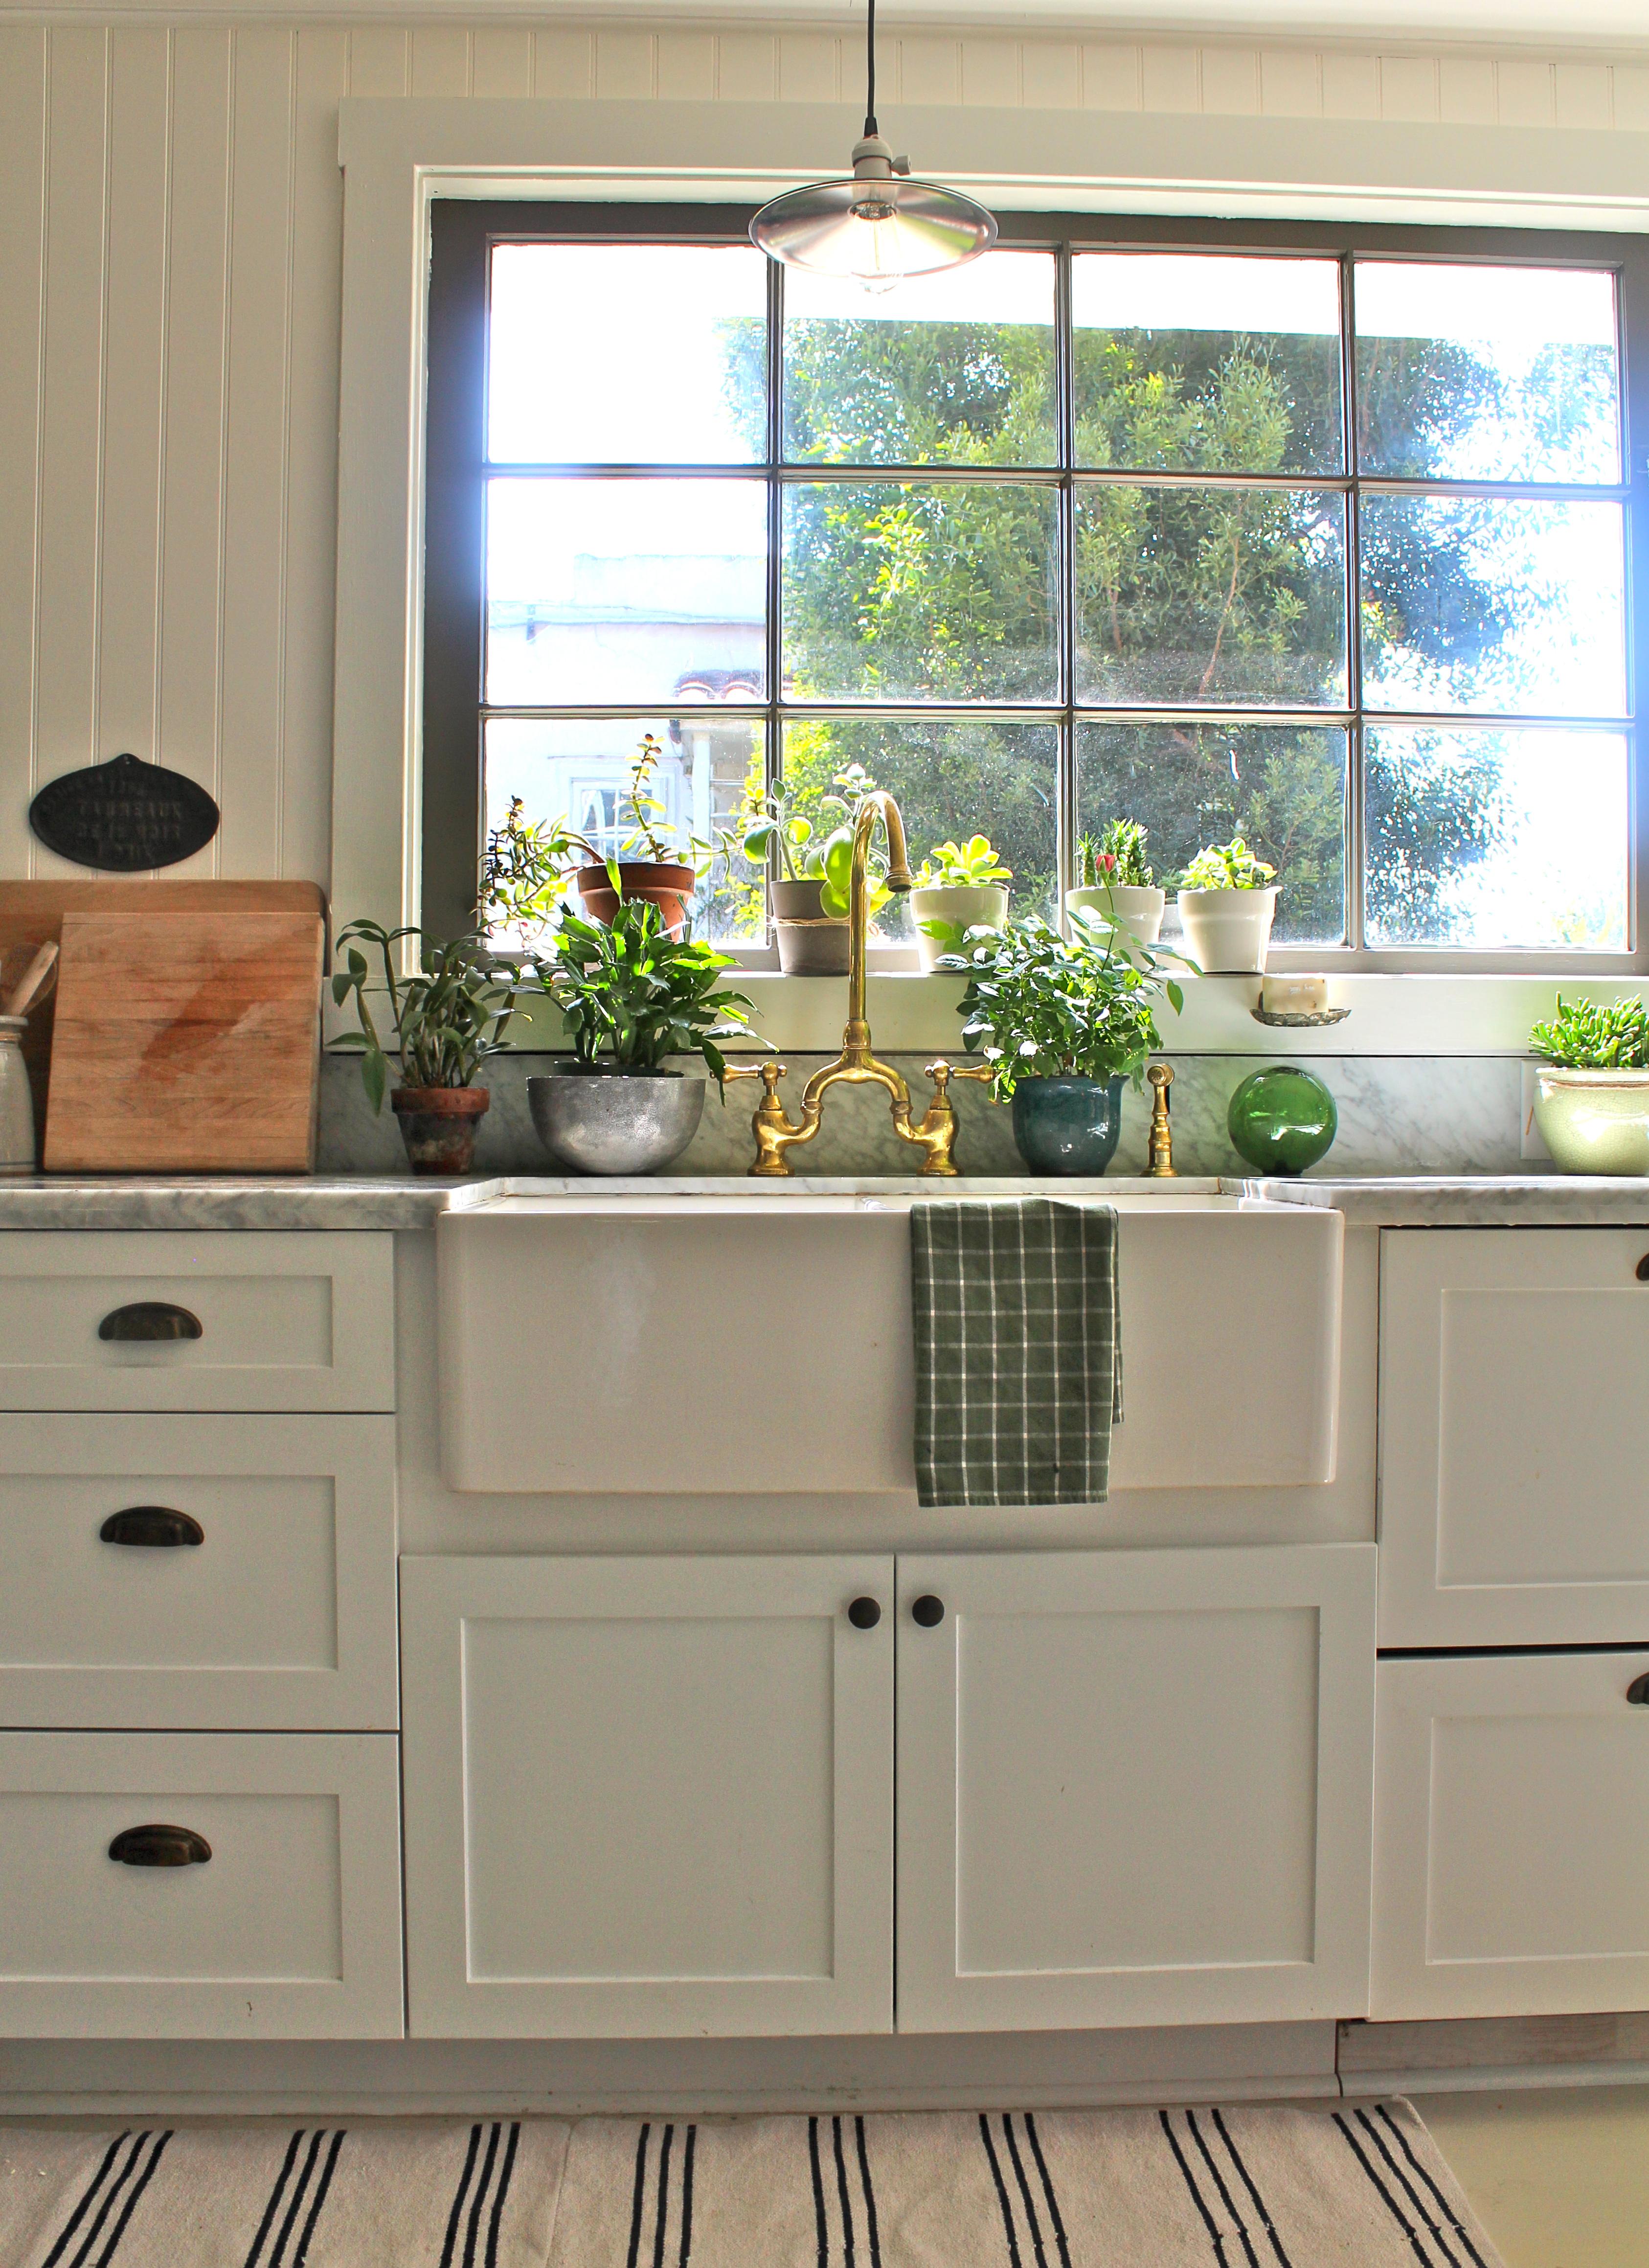 Kitchen 101: Creating Healthier and Greener Kitchen ...